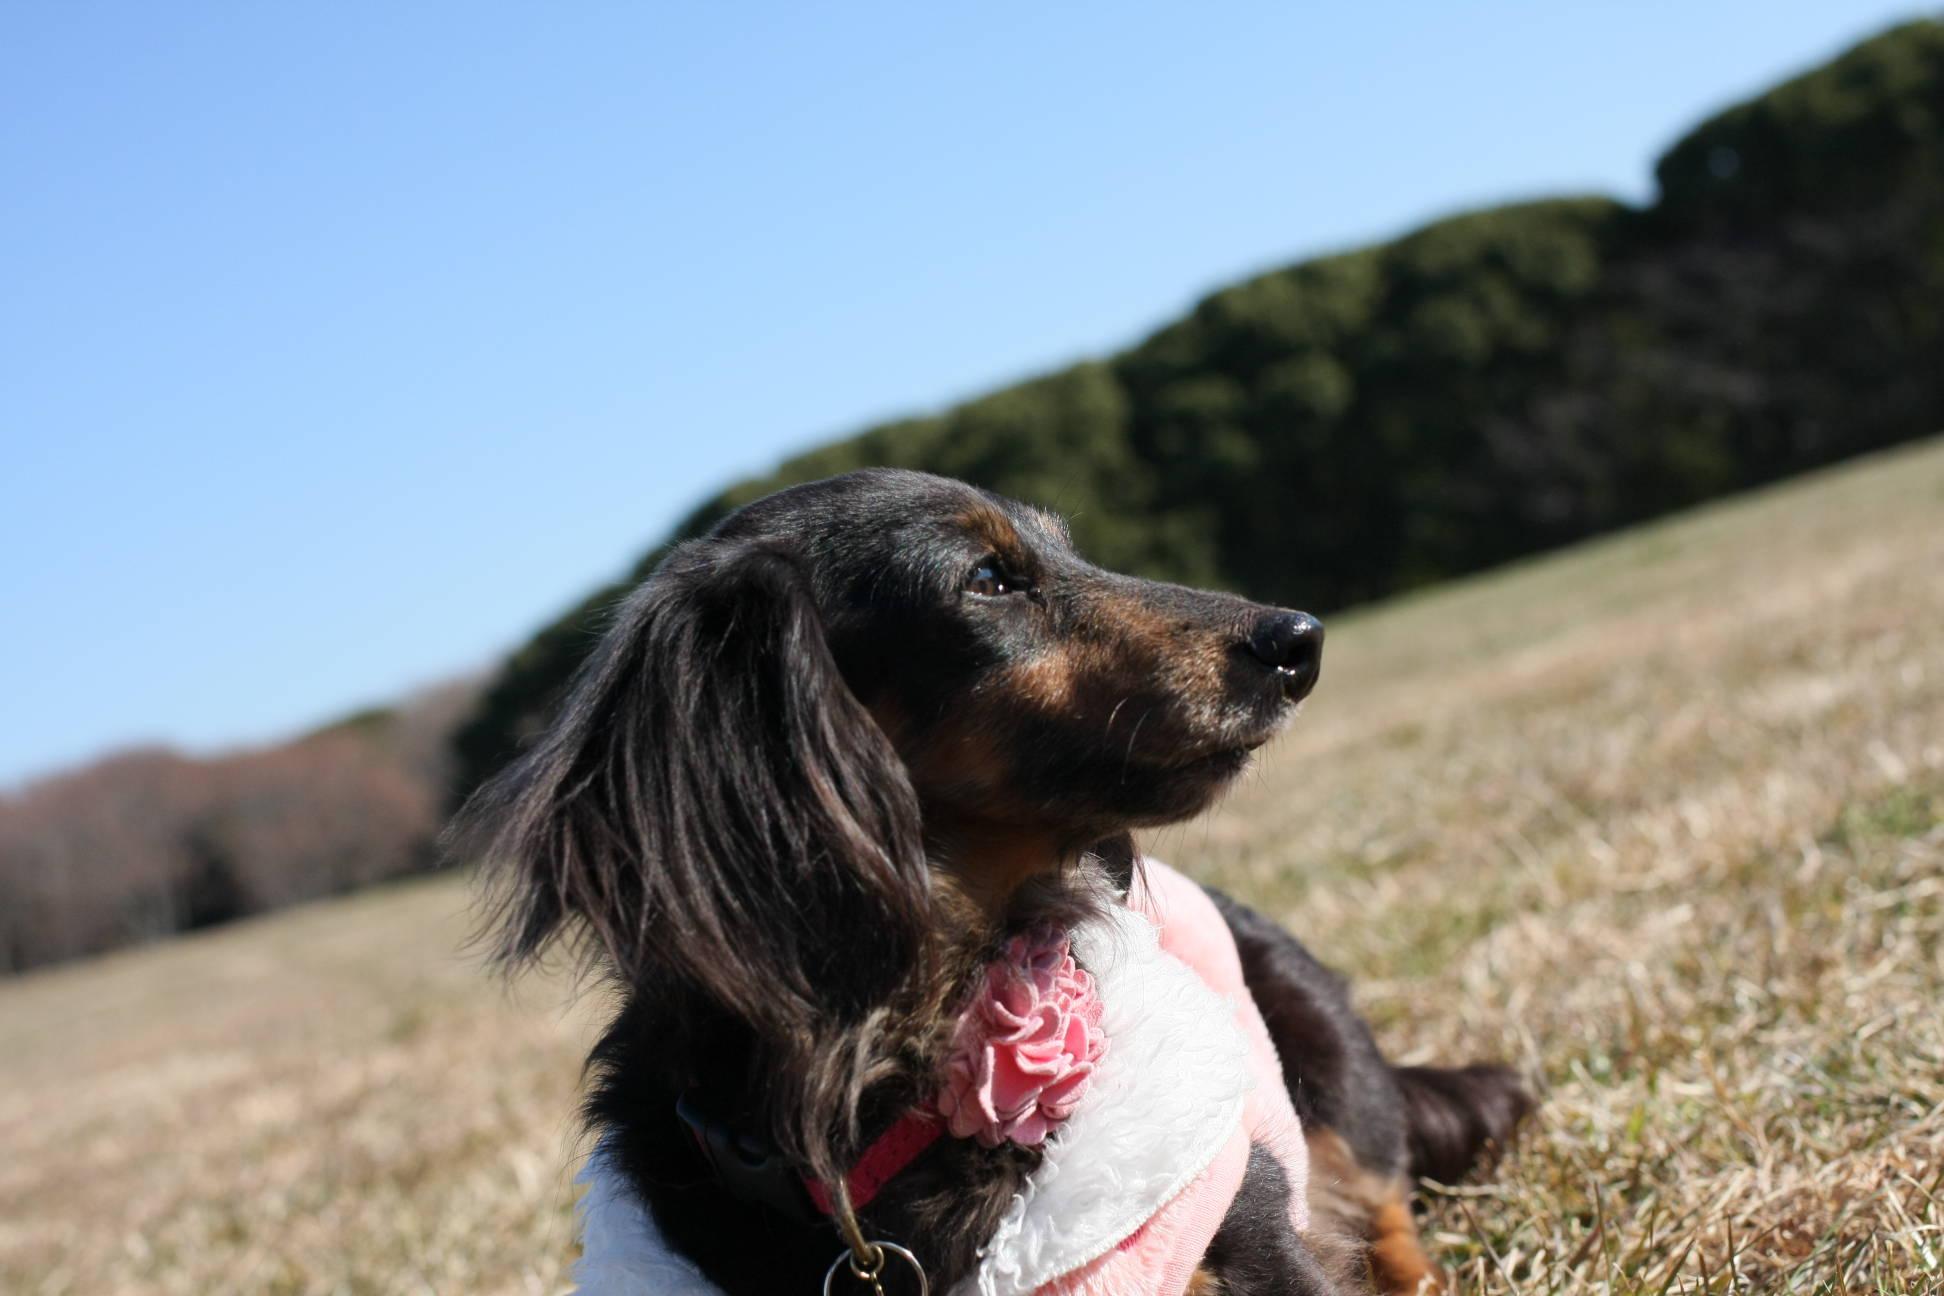 葛飾区 水元公園での犬の散歩